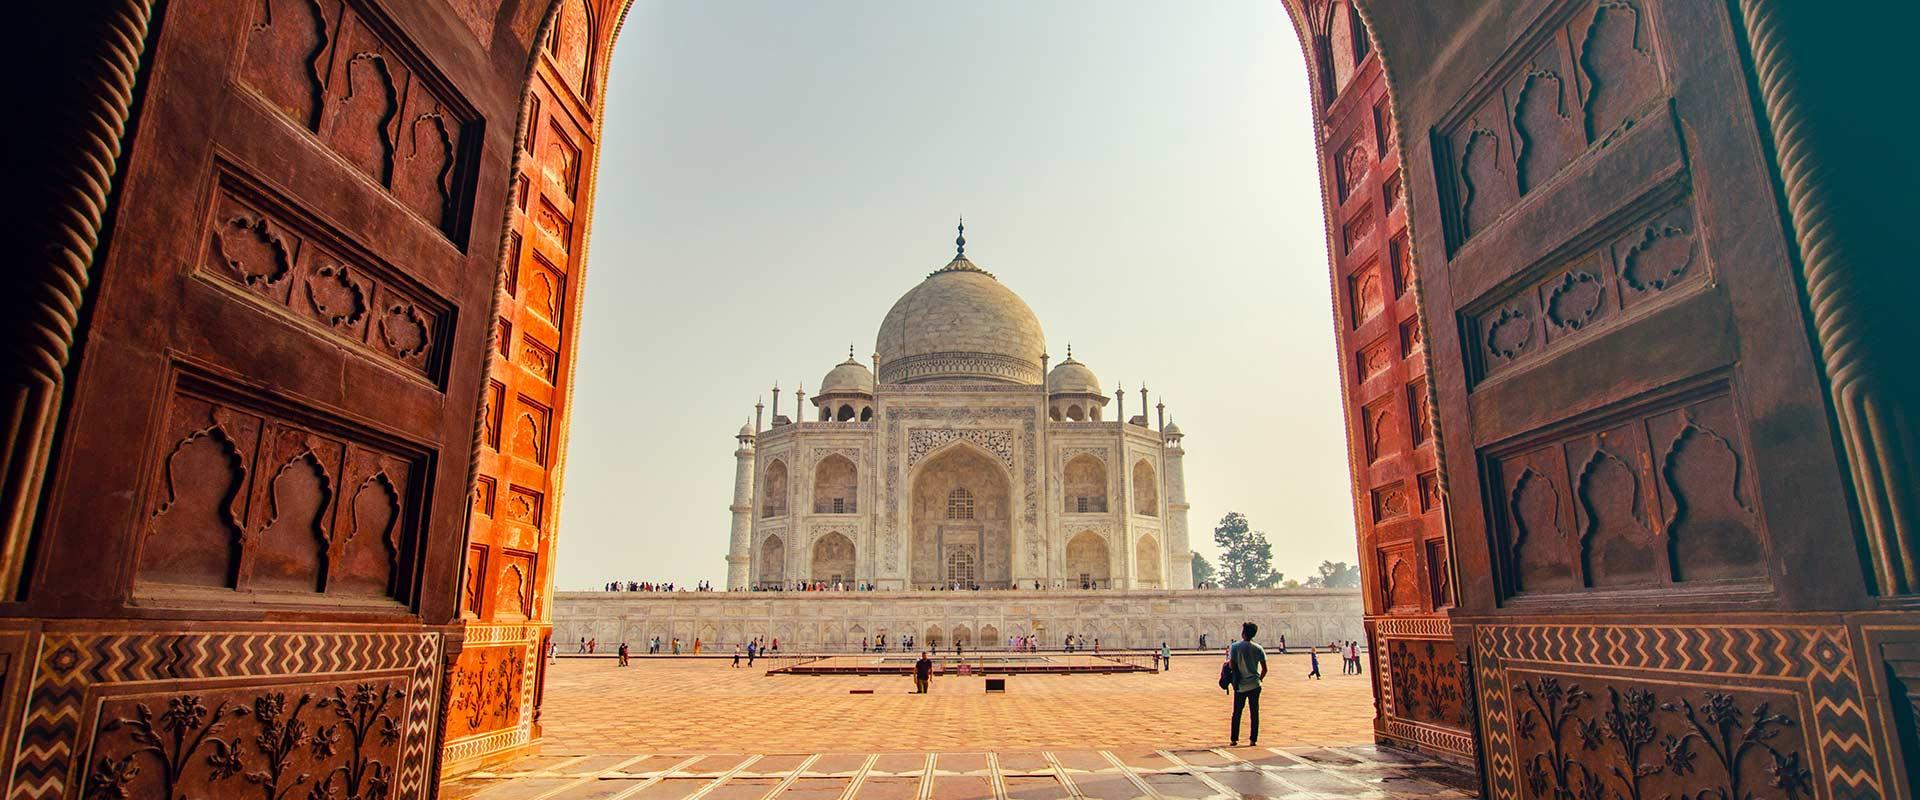 Experiencia en la India